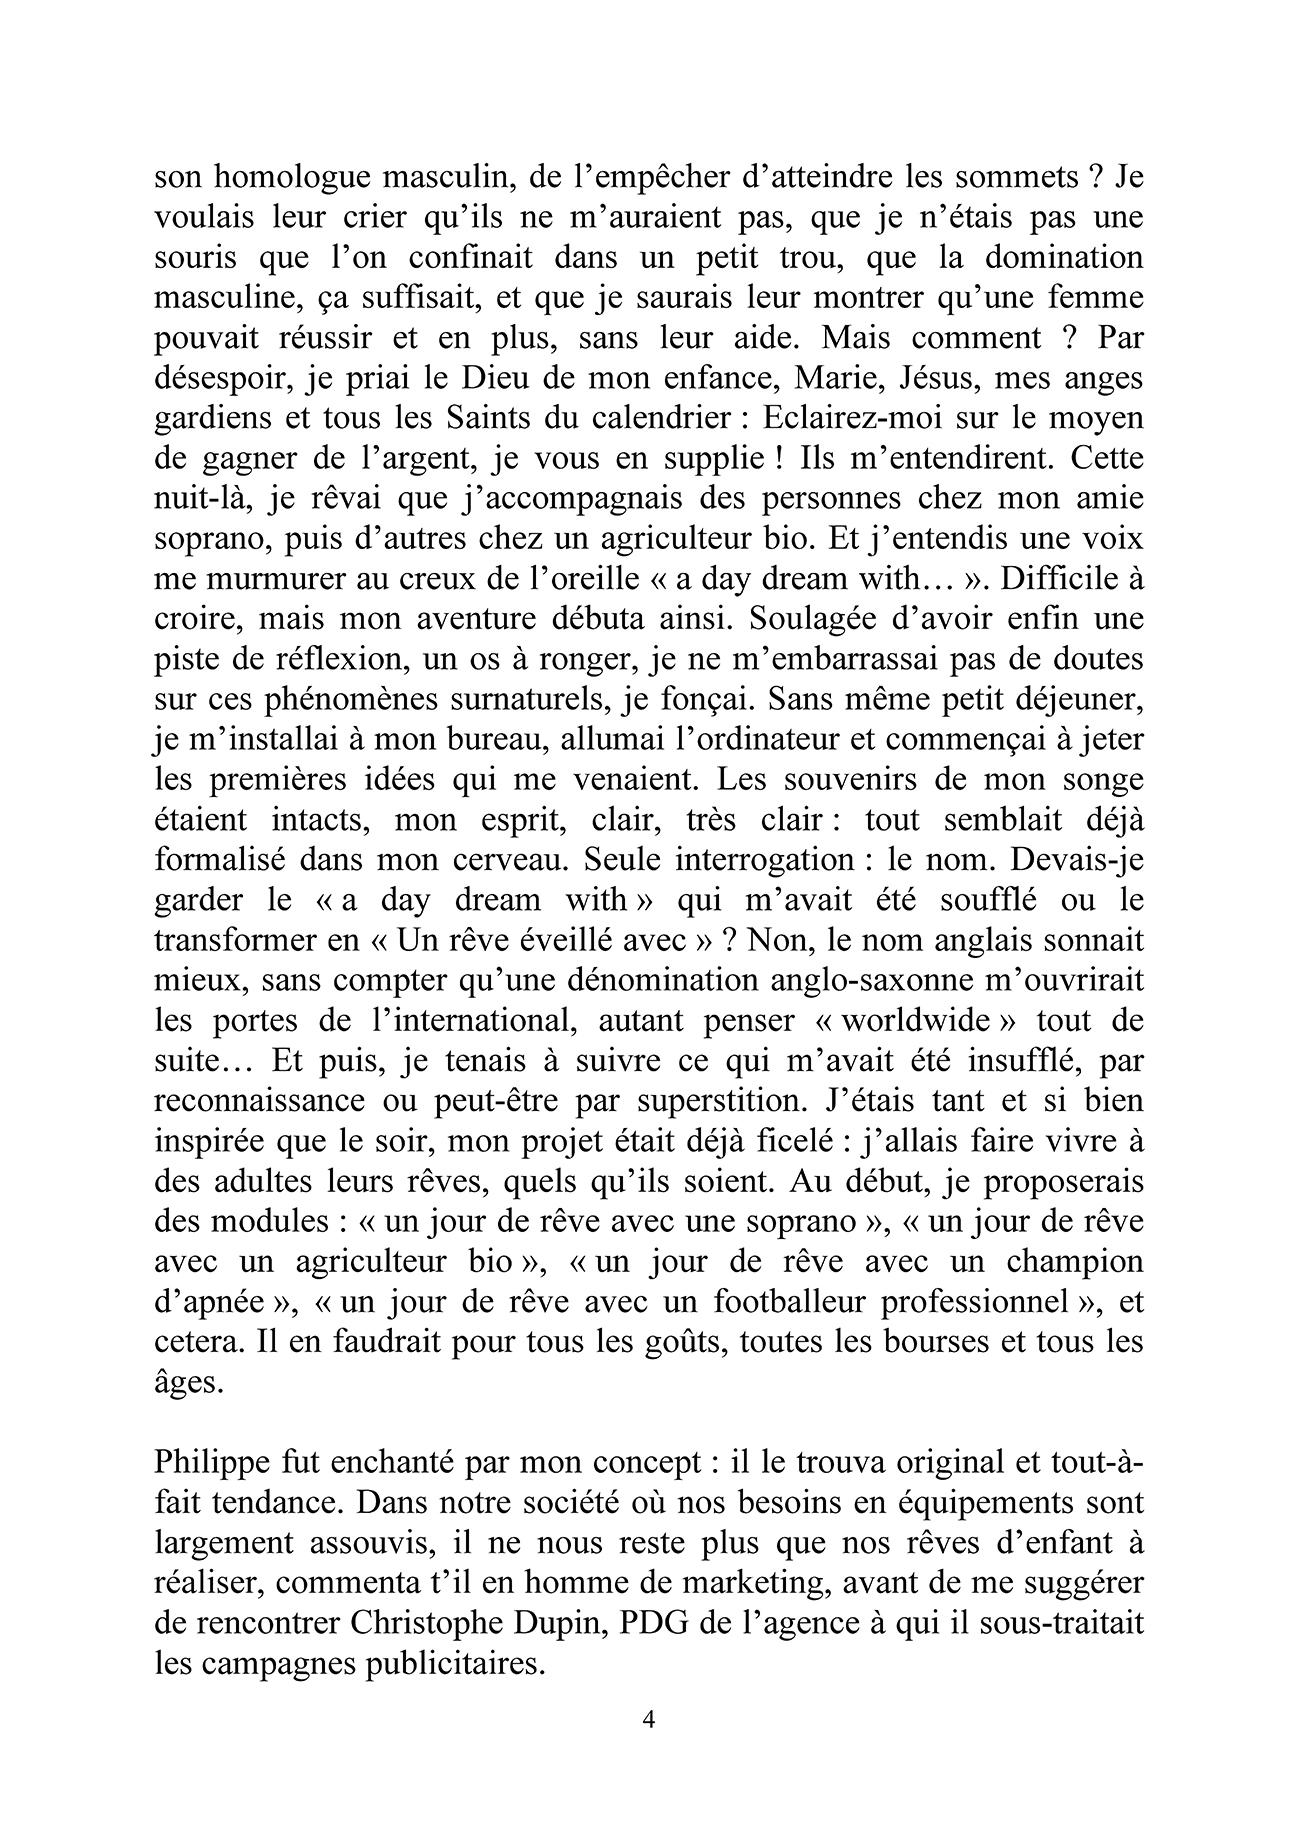 Ebook - Le Bonheur Intérieur Tattend_Page_005.jpg